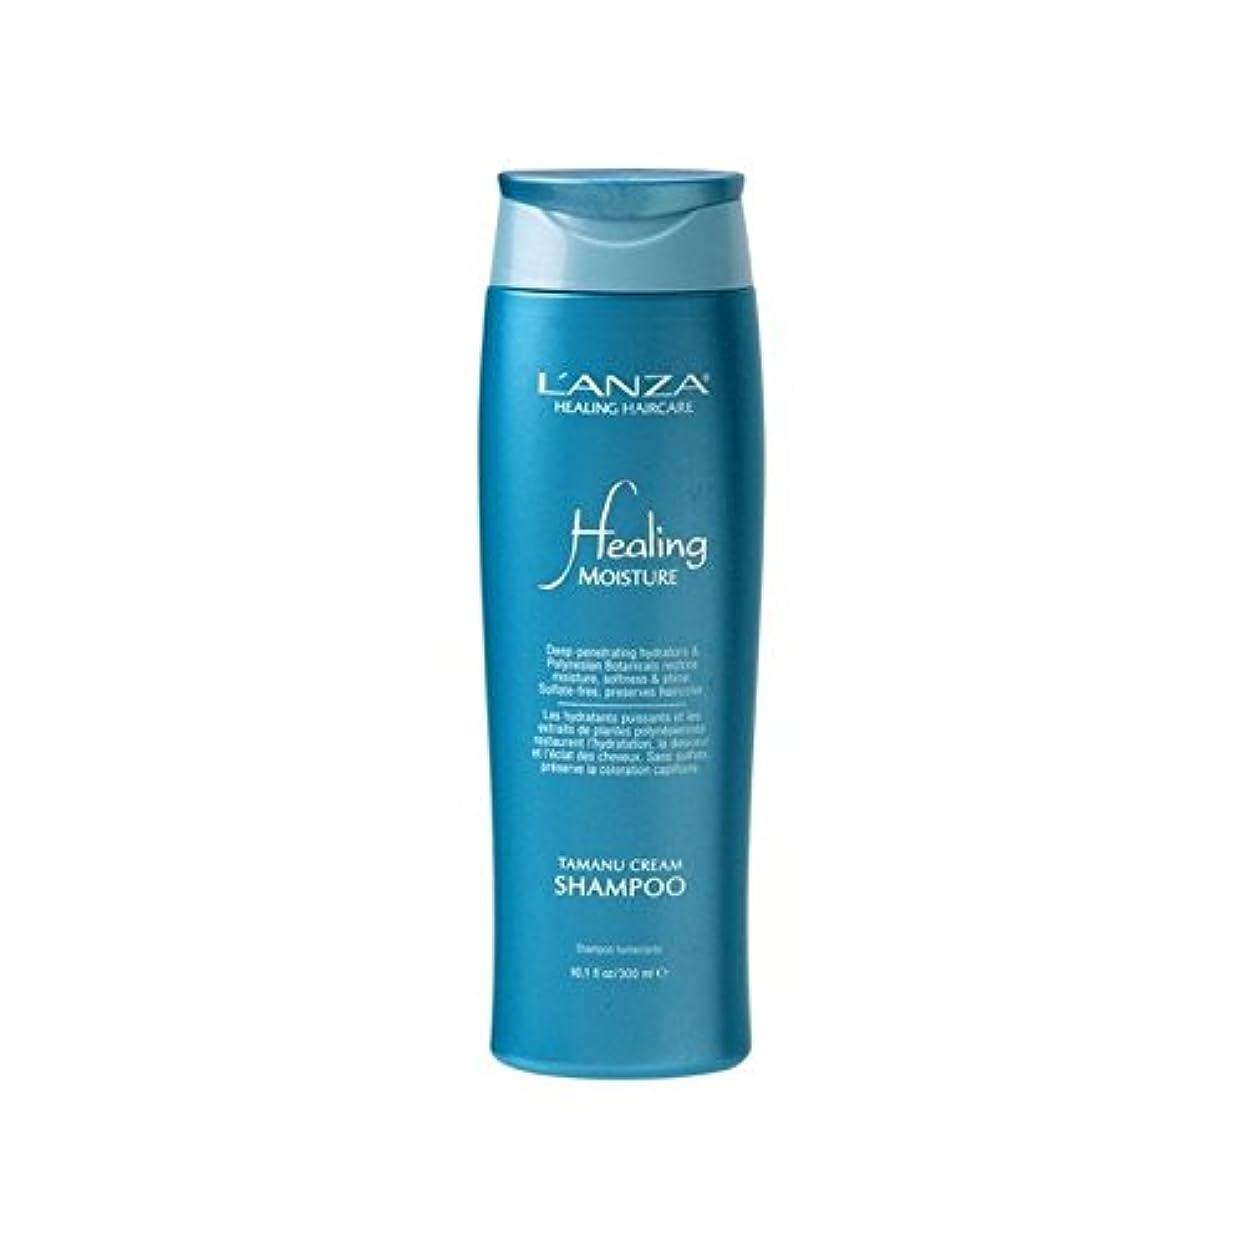 人気消える疎外するL'Anza Healing Moisture Tamanu Cream Shampoo (300ml) - アンザ癒しの水分タマヌクリームシャンプー(300ミリリットル) [並行輸入品]